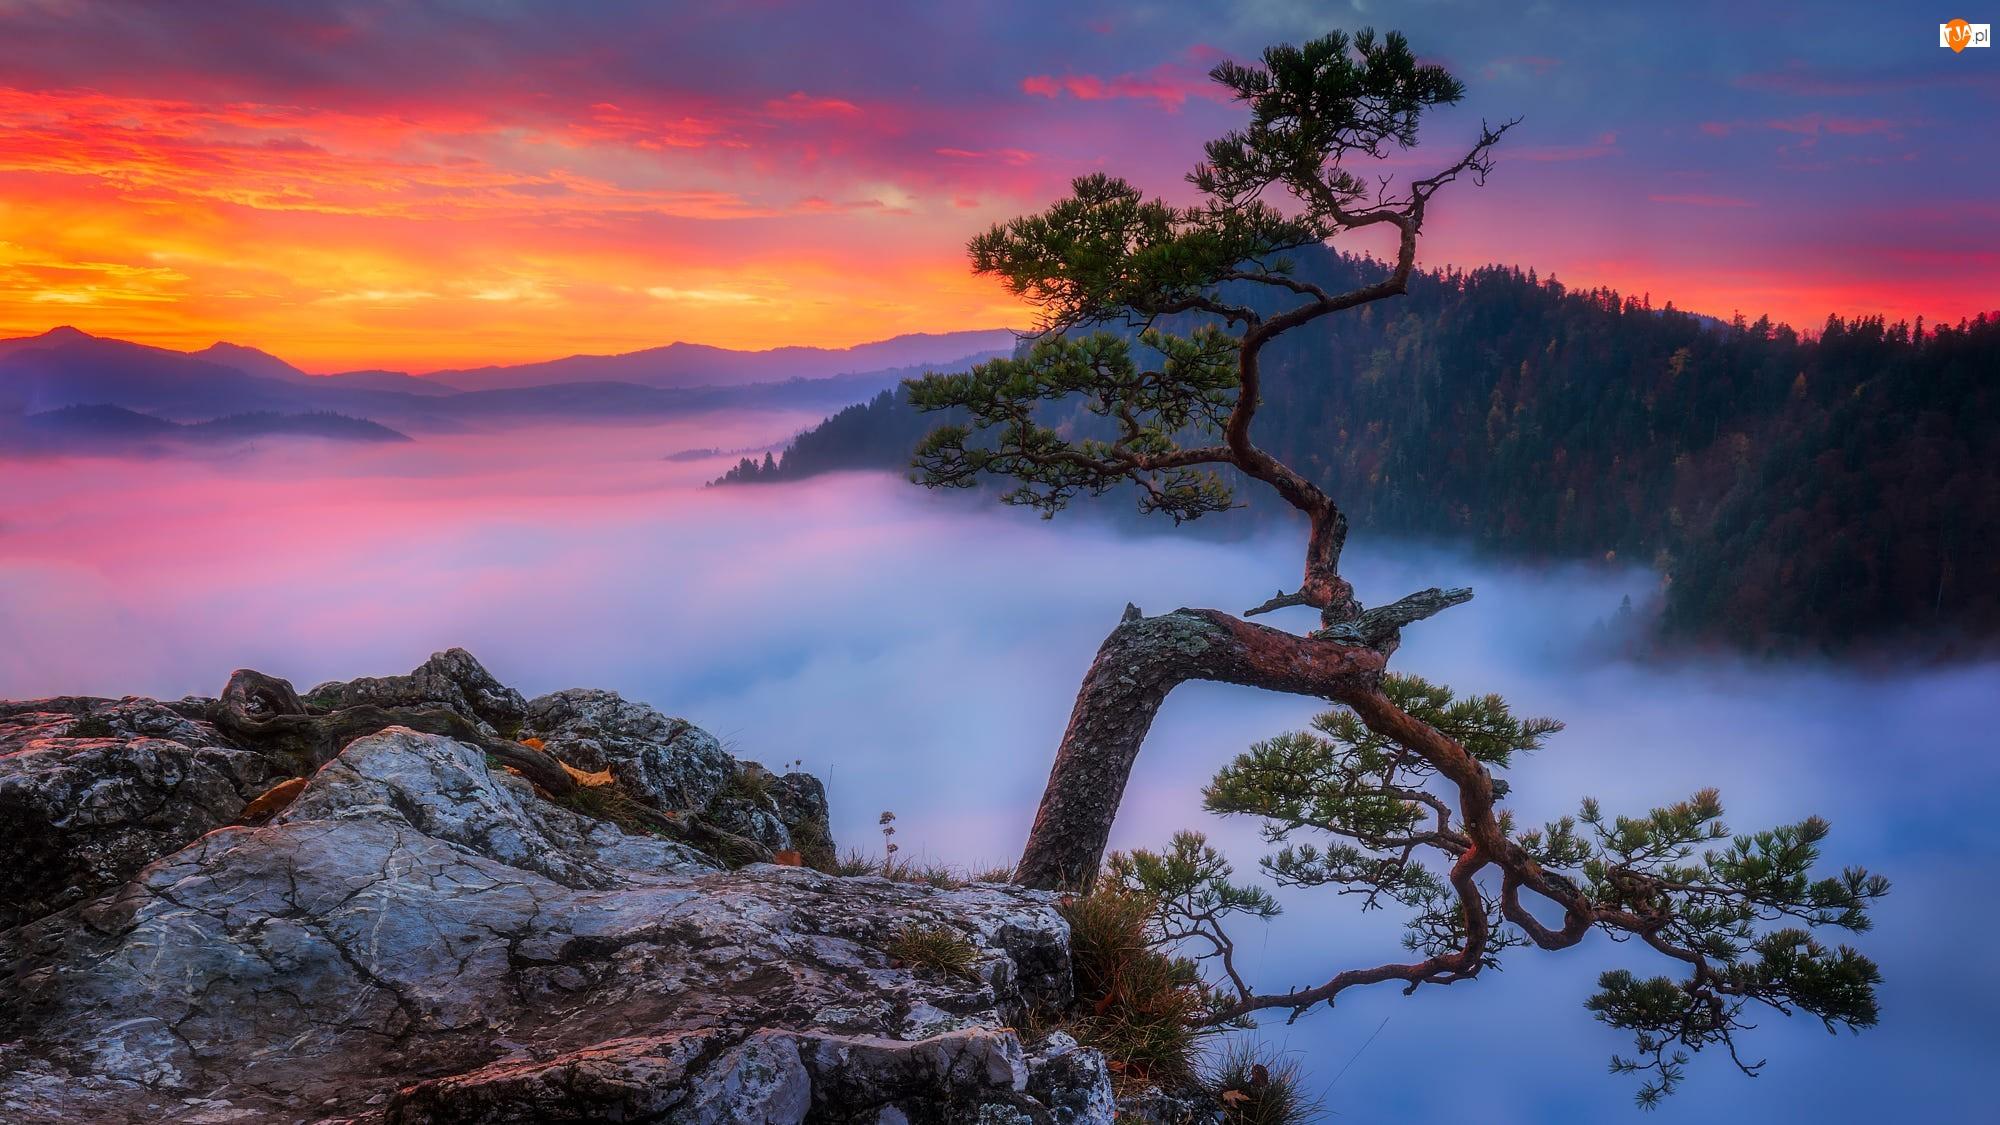 Sosna, Góry Pieniny, Drzewo, Mgła, Skały, Szczyt Sokolica, Pieniński Park Narodowy, Polska, Zachód słońca